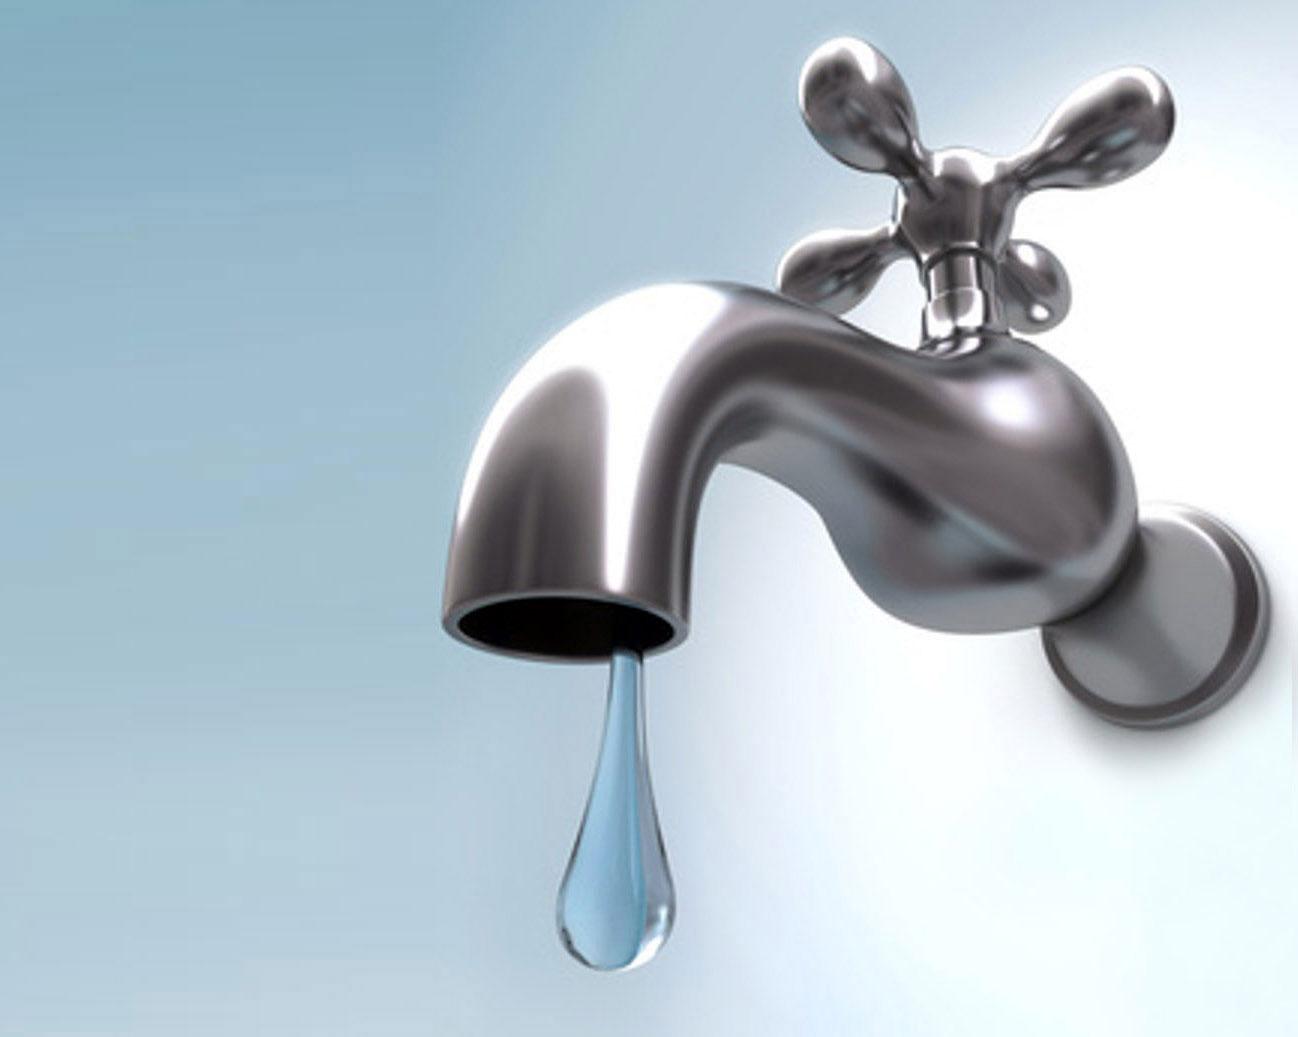 Tizi-Ouzou: interruption de l'alimentation en eau potable dans 11 communes pour travaux - Algérie